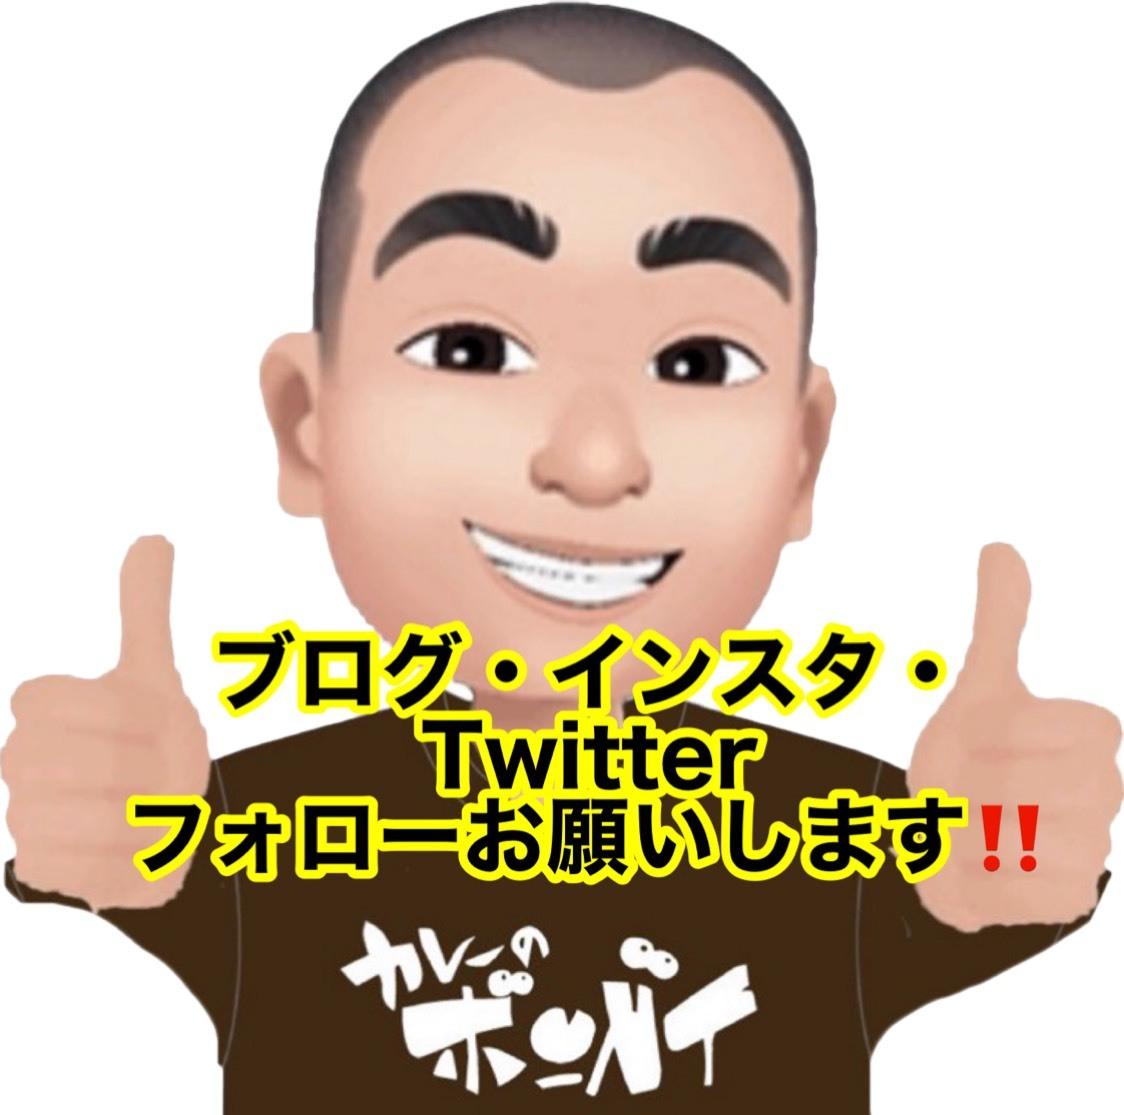 BLOG・Instagram・Twitter フォローお願いします!!